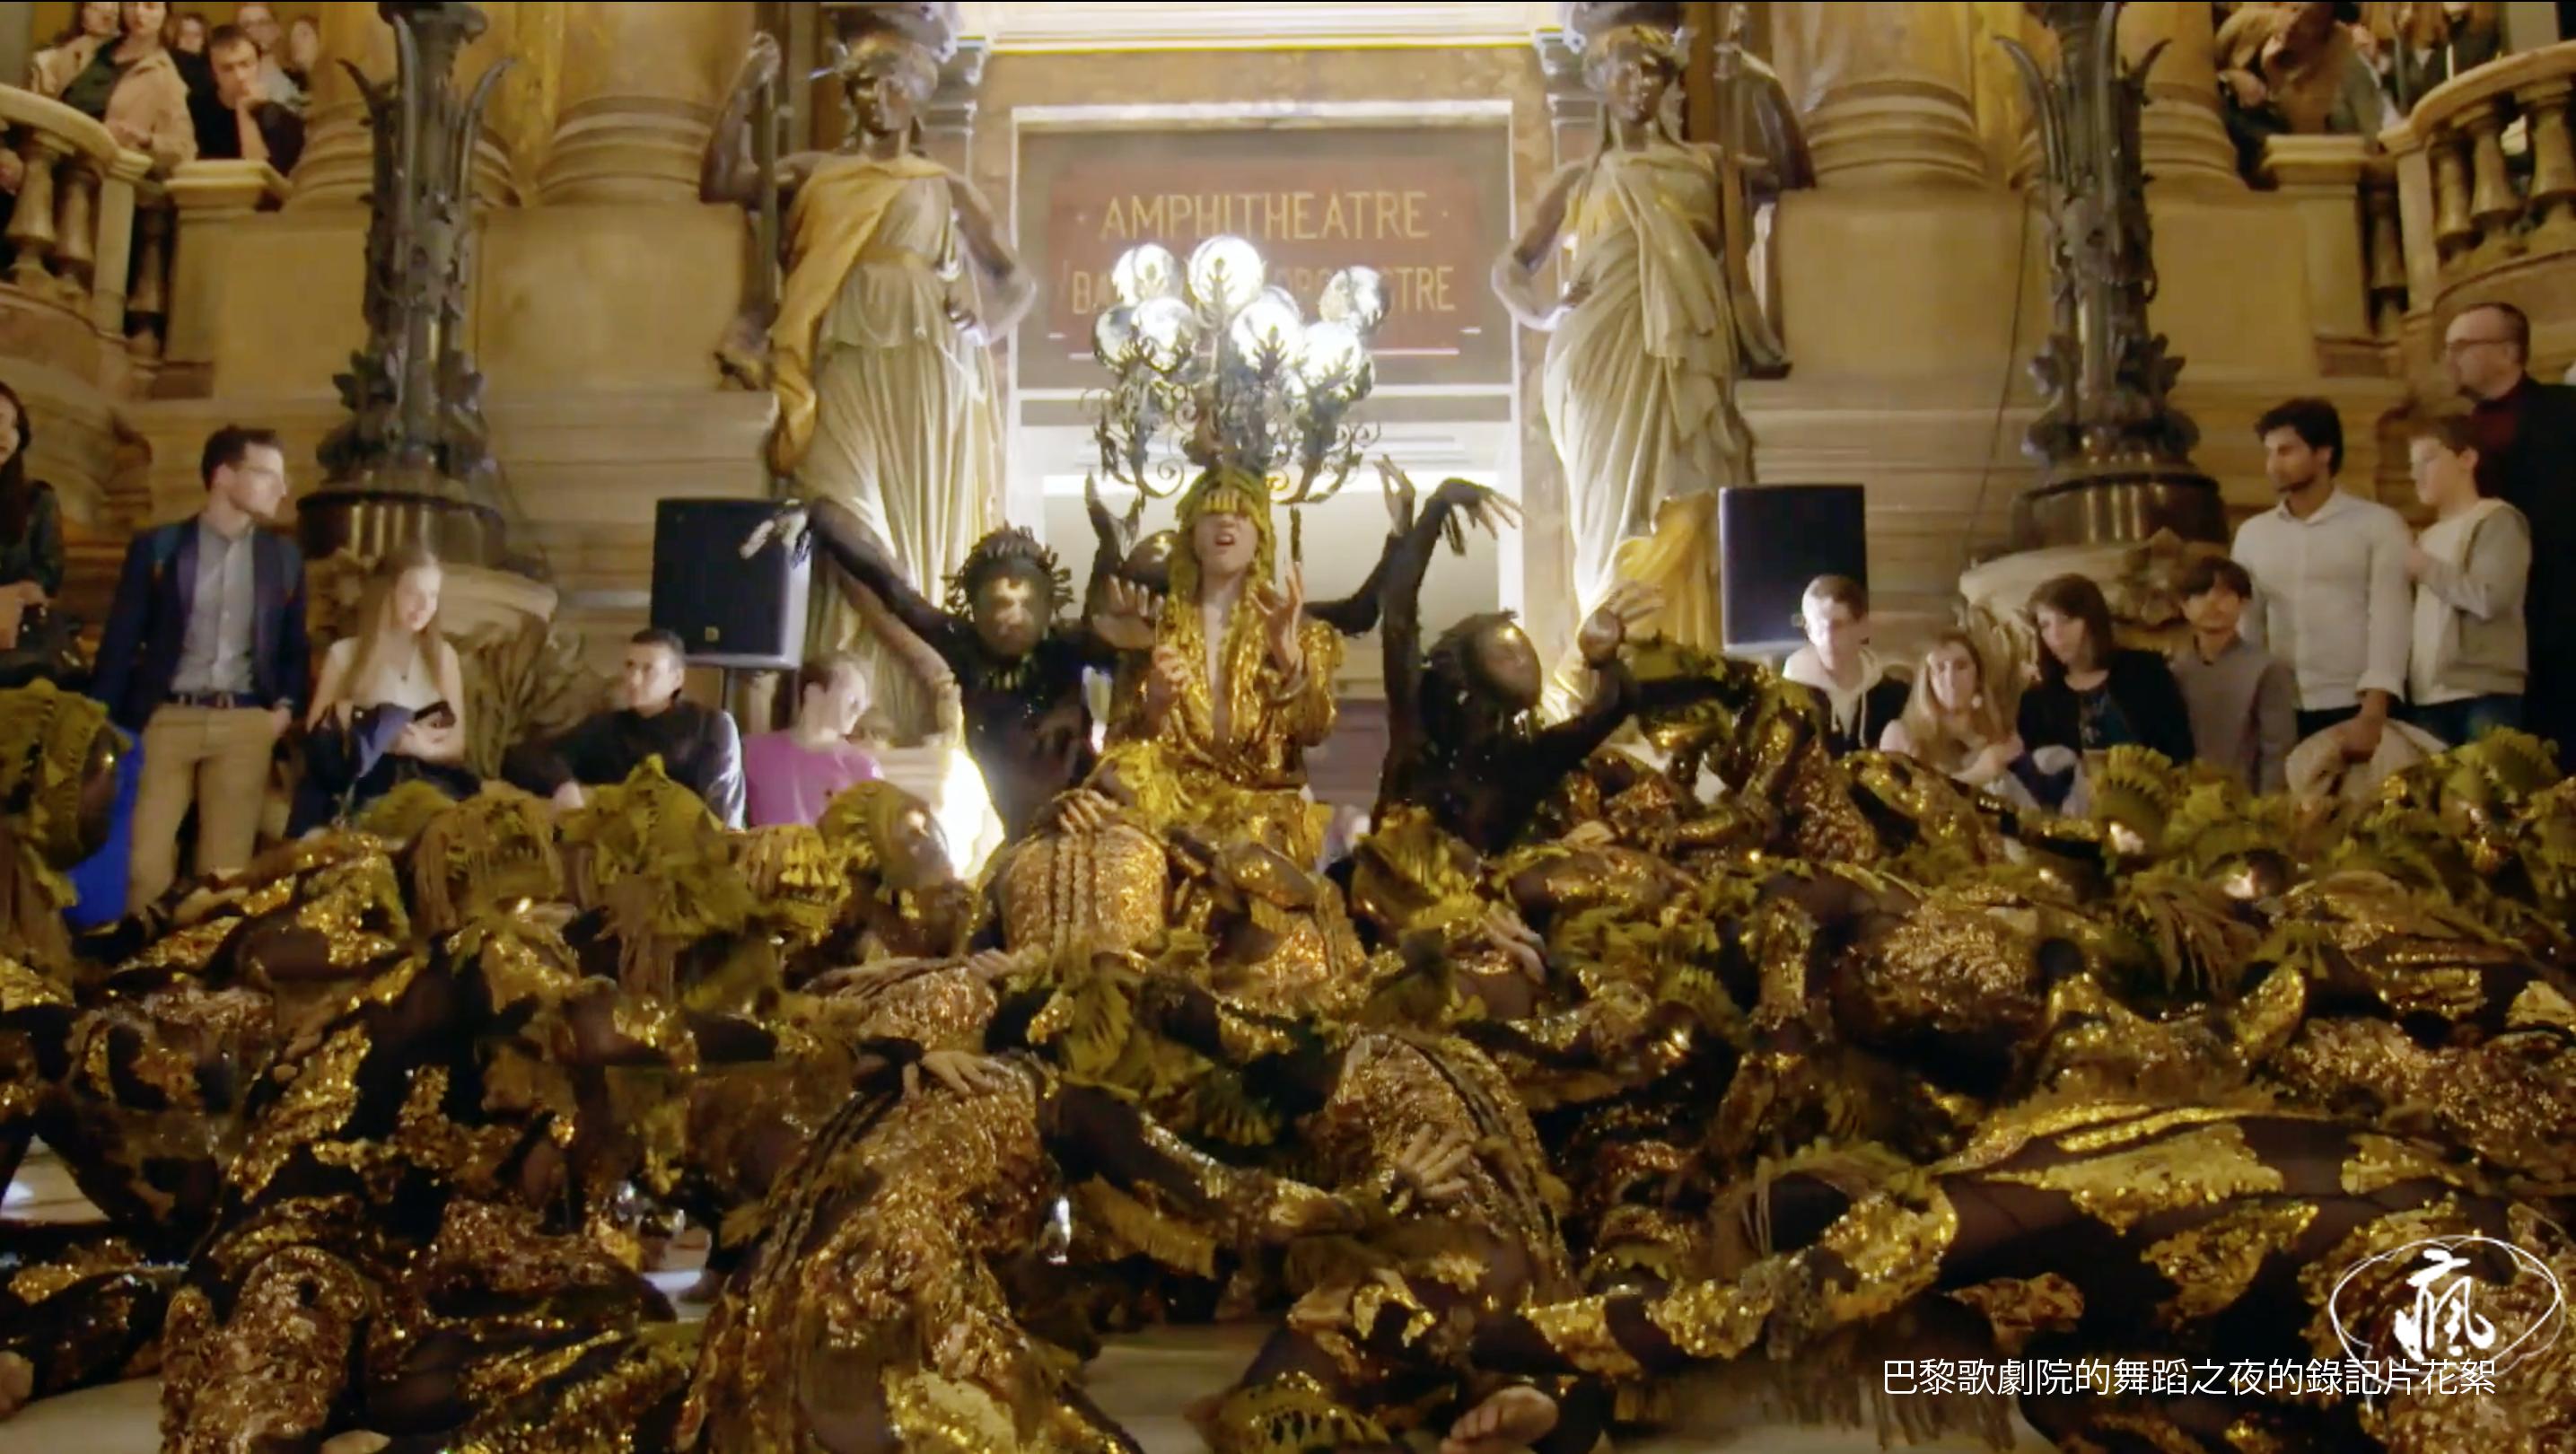 巴黎歌劇院的舞蹈之夜的錄記片花絮